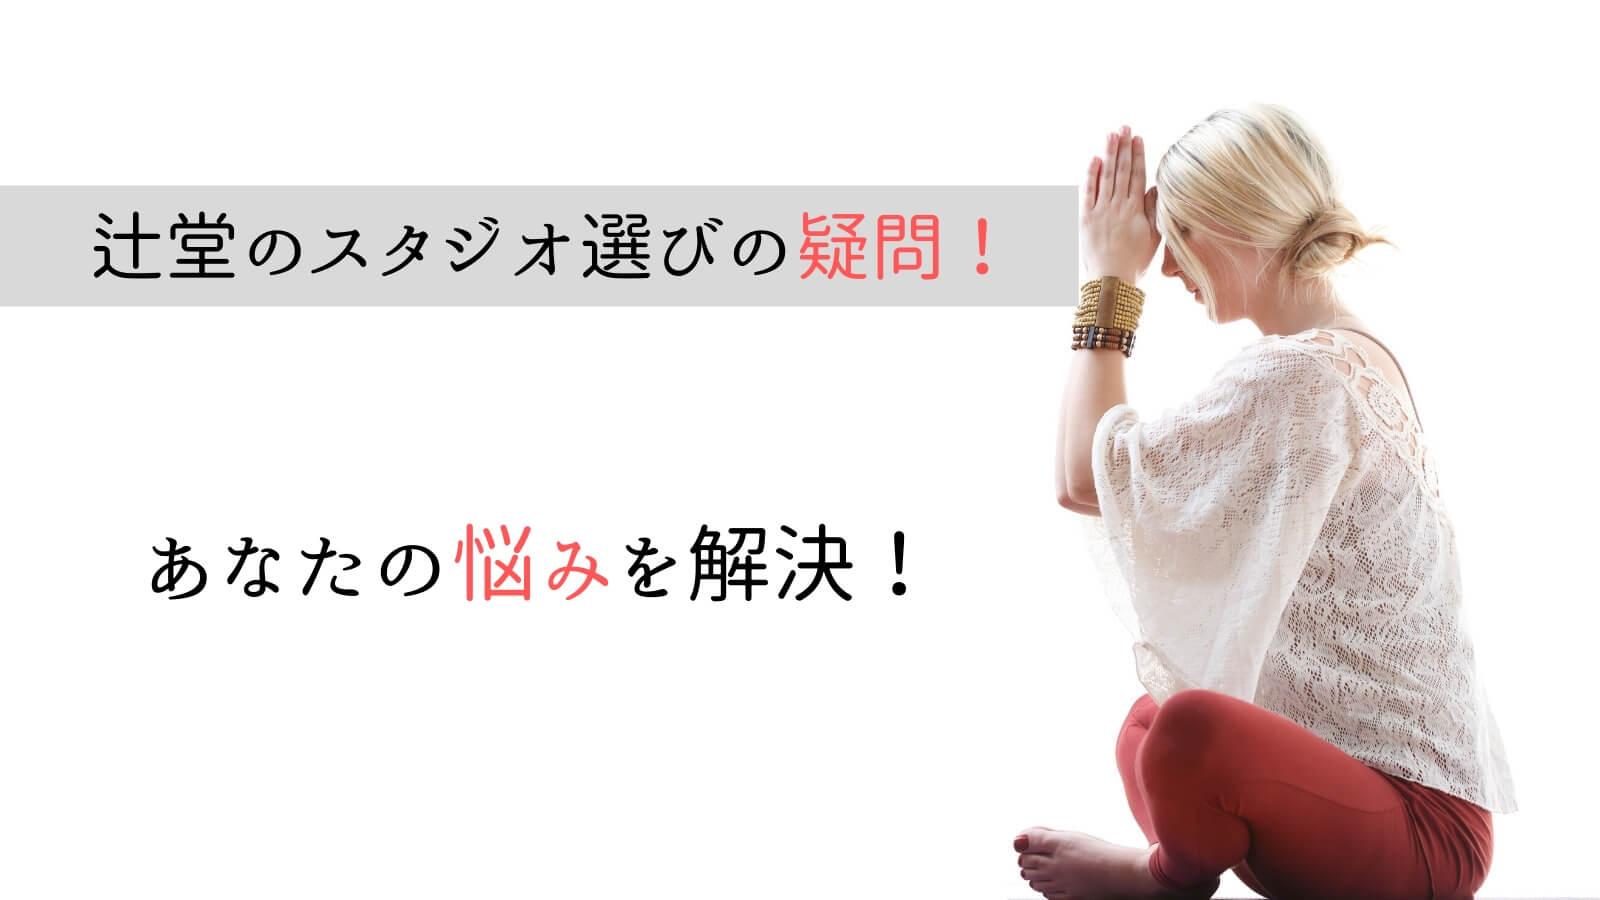 辻堂でのヨガ・ホットヨガスタジオ選びに関するQ&A